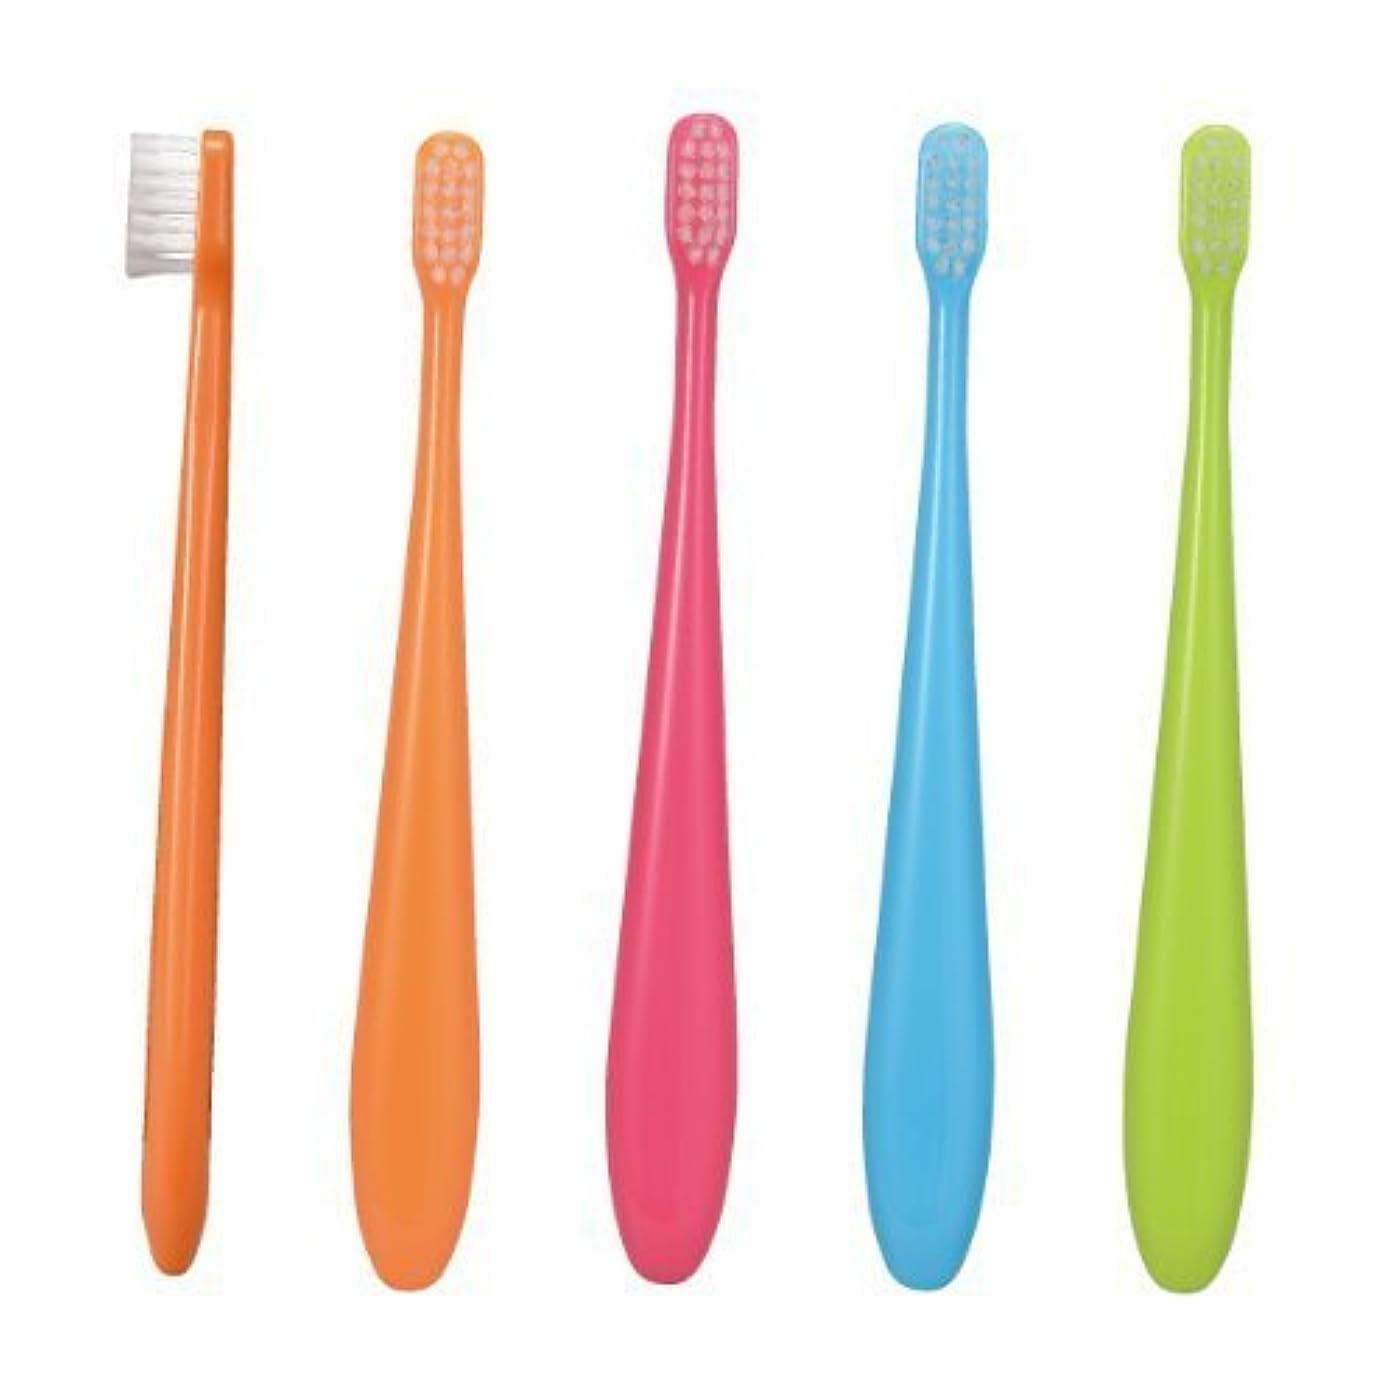 セッティング風邪をひく地域のCiミニ歯ブラシ/ミディ 5本入り/Mふつう